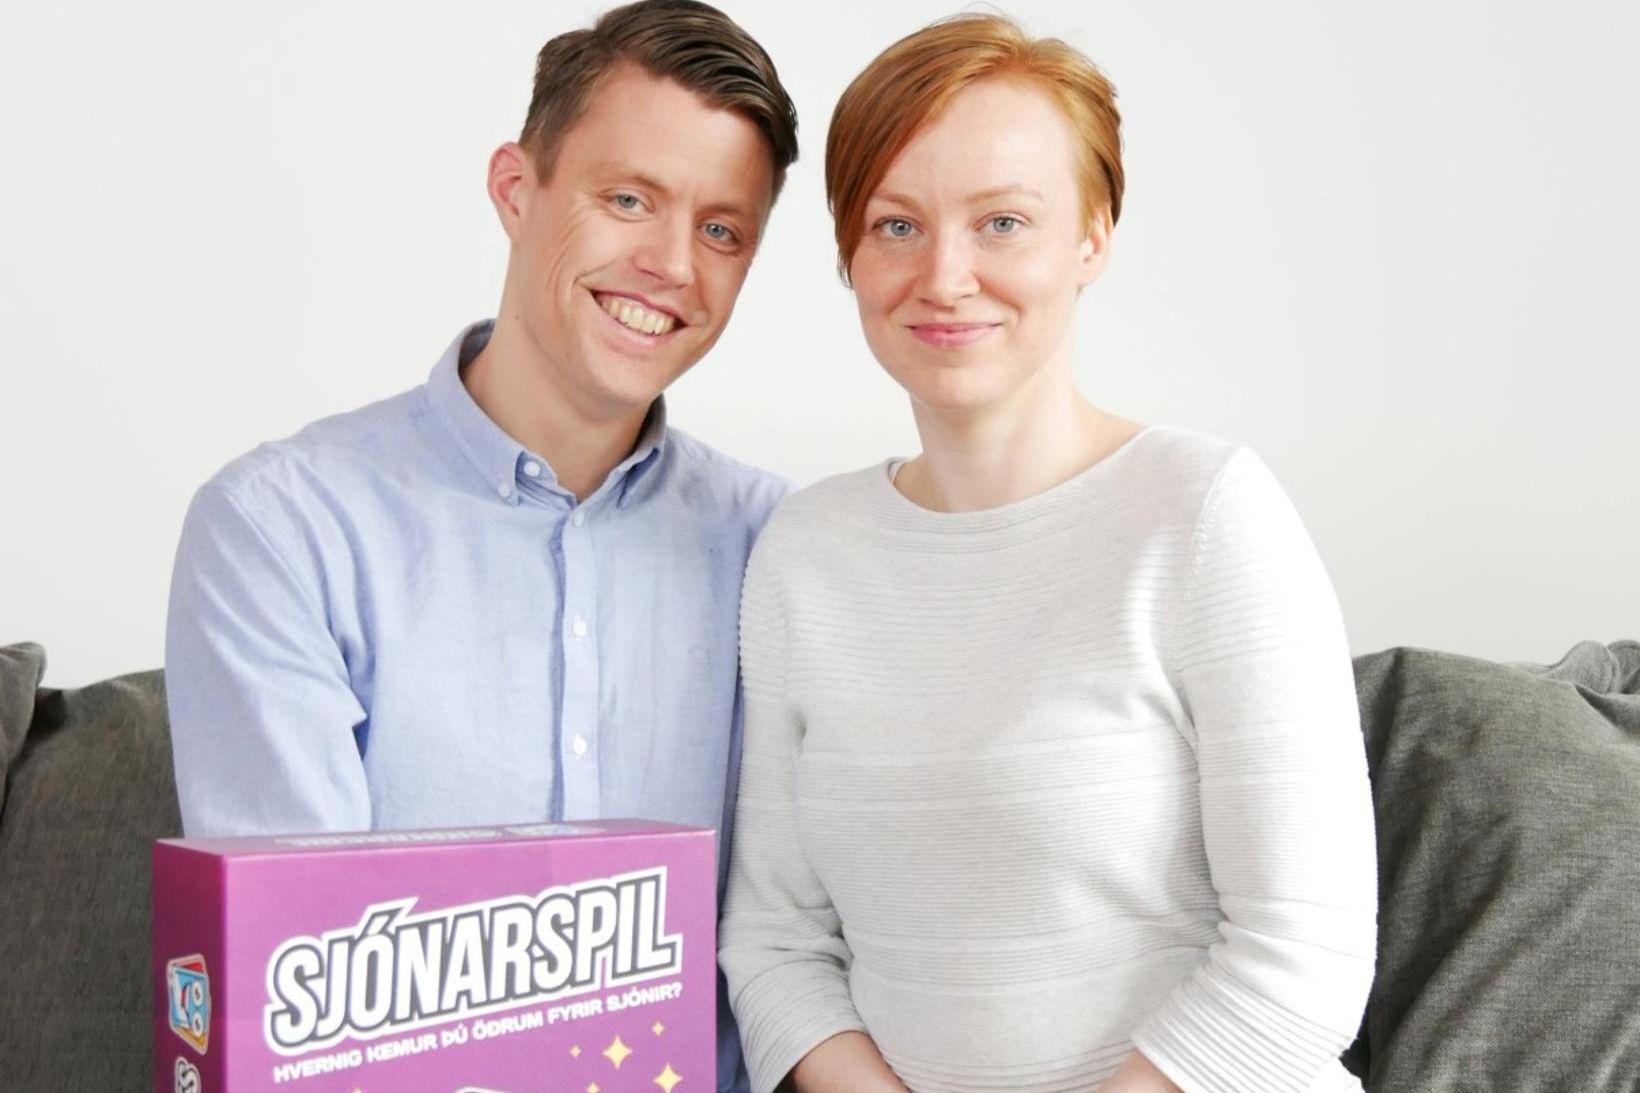 Hjónin Bergur og Tinna láta gott af sér leiða.